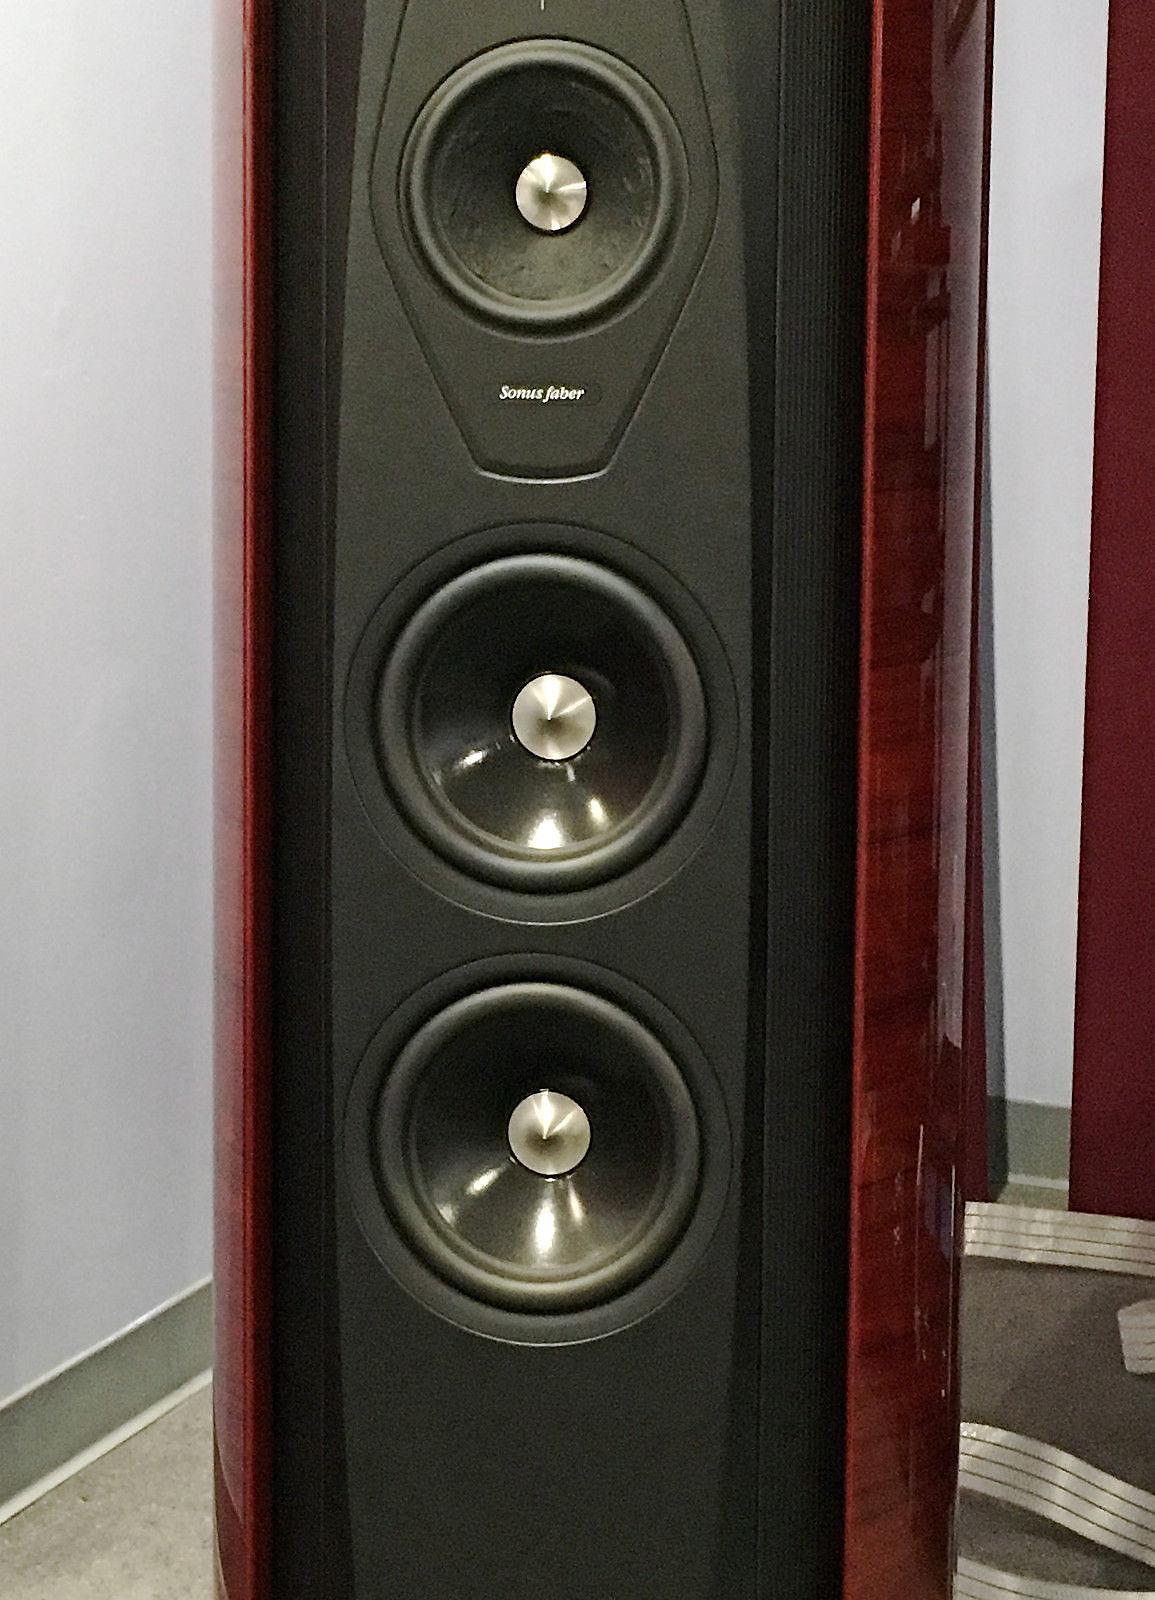 Sonus Faber Aida Red Floor Standing Speakers - Floor Model w/ Warranty